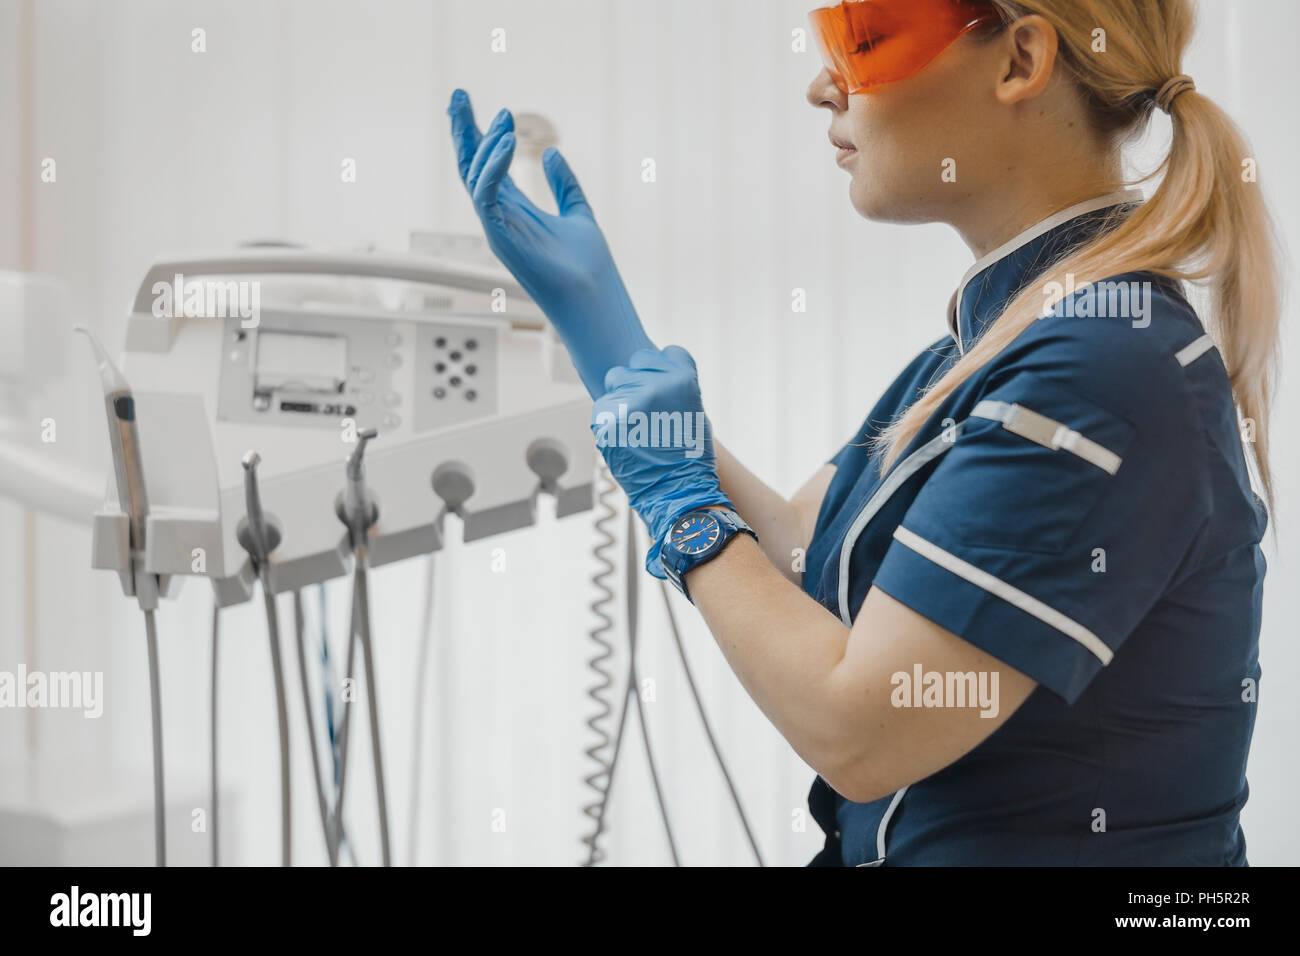 Nahaufnahme von Zahnarzt sitzt neben zahnmedizinischen Ausrüstung und setzen auf Handschuhe. Stockbild